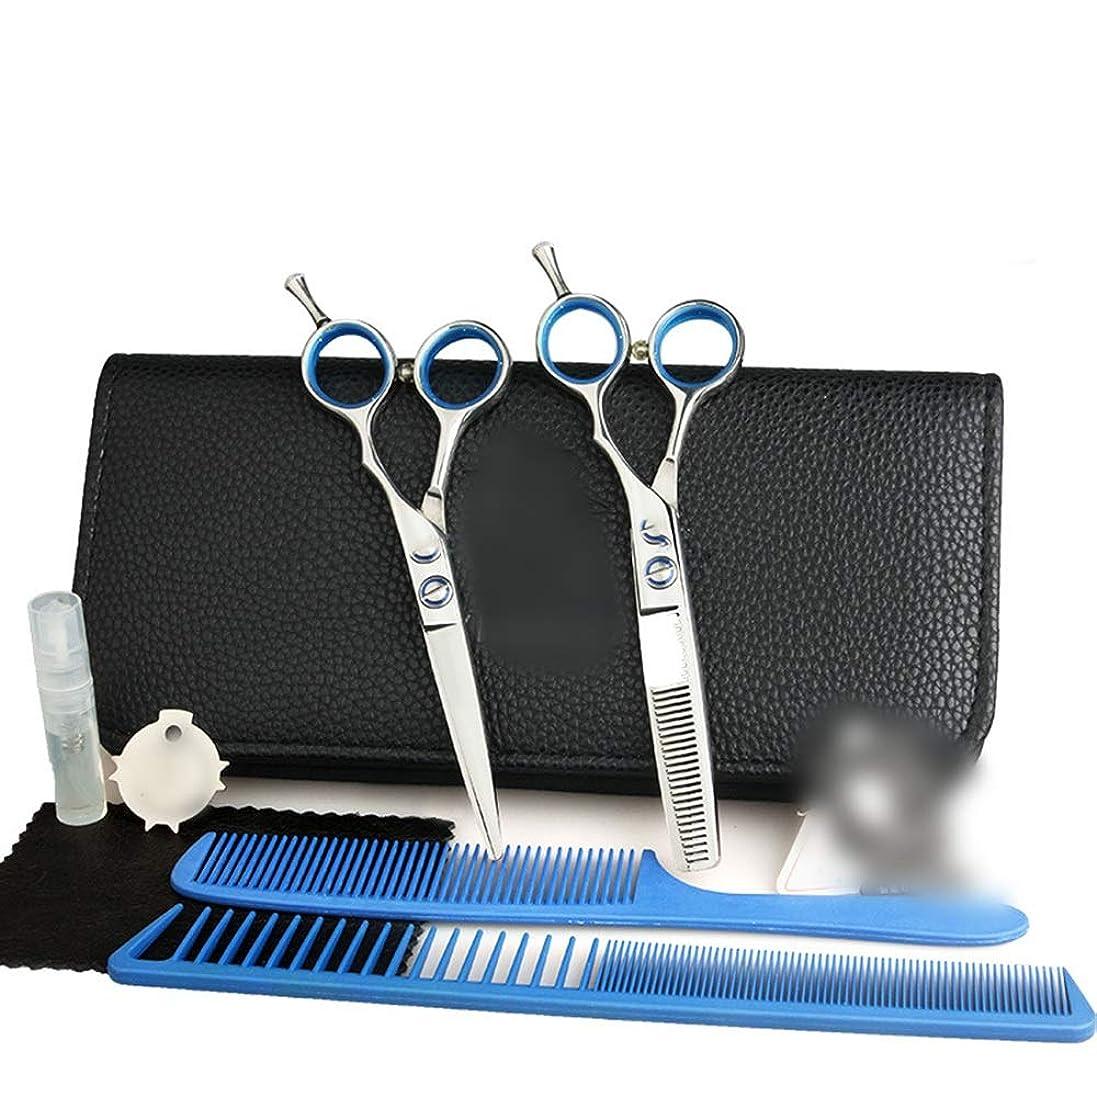 かろうじて木ライドGoodsok-jp 5.5インチ理髪はさみセット、平らな歯のはさみ理髪はさみセット (色 : Silver)